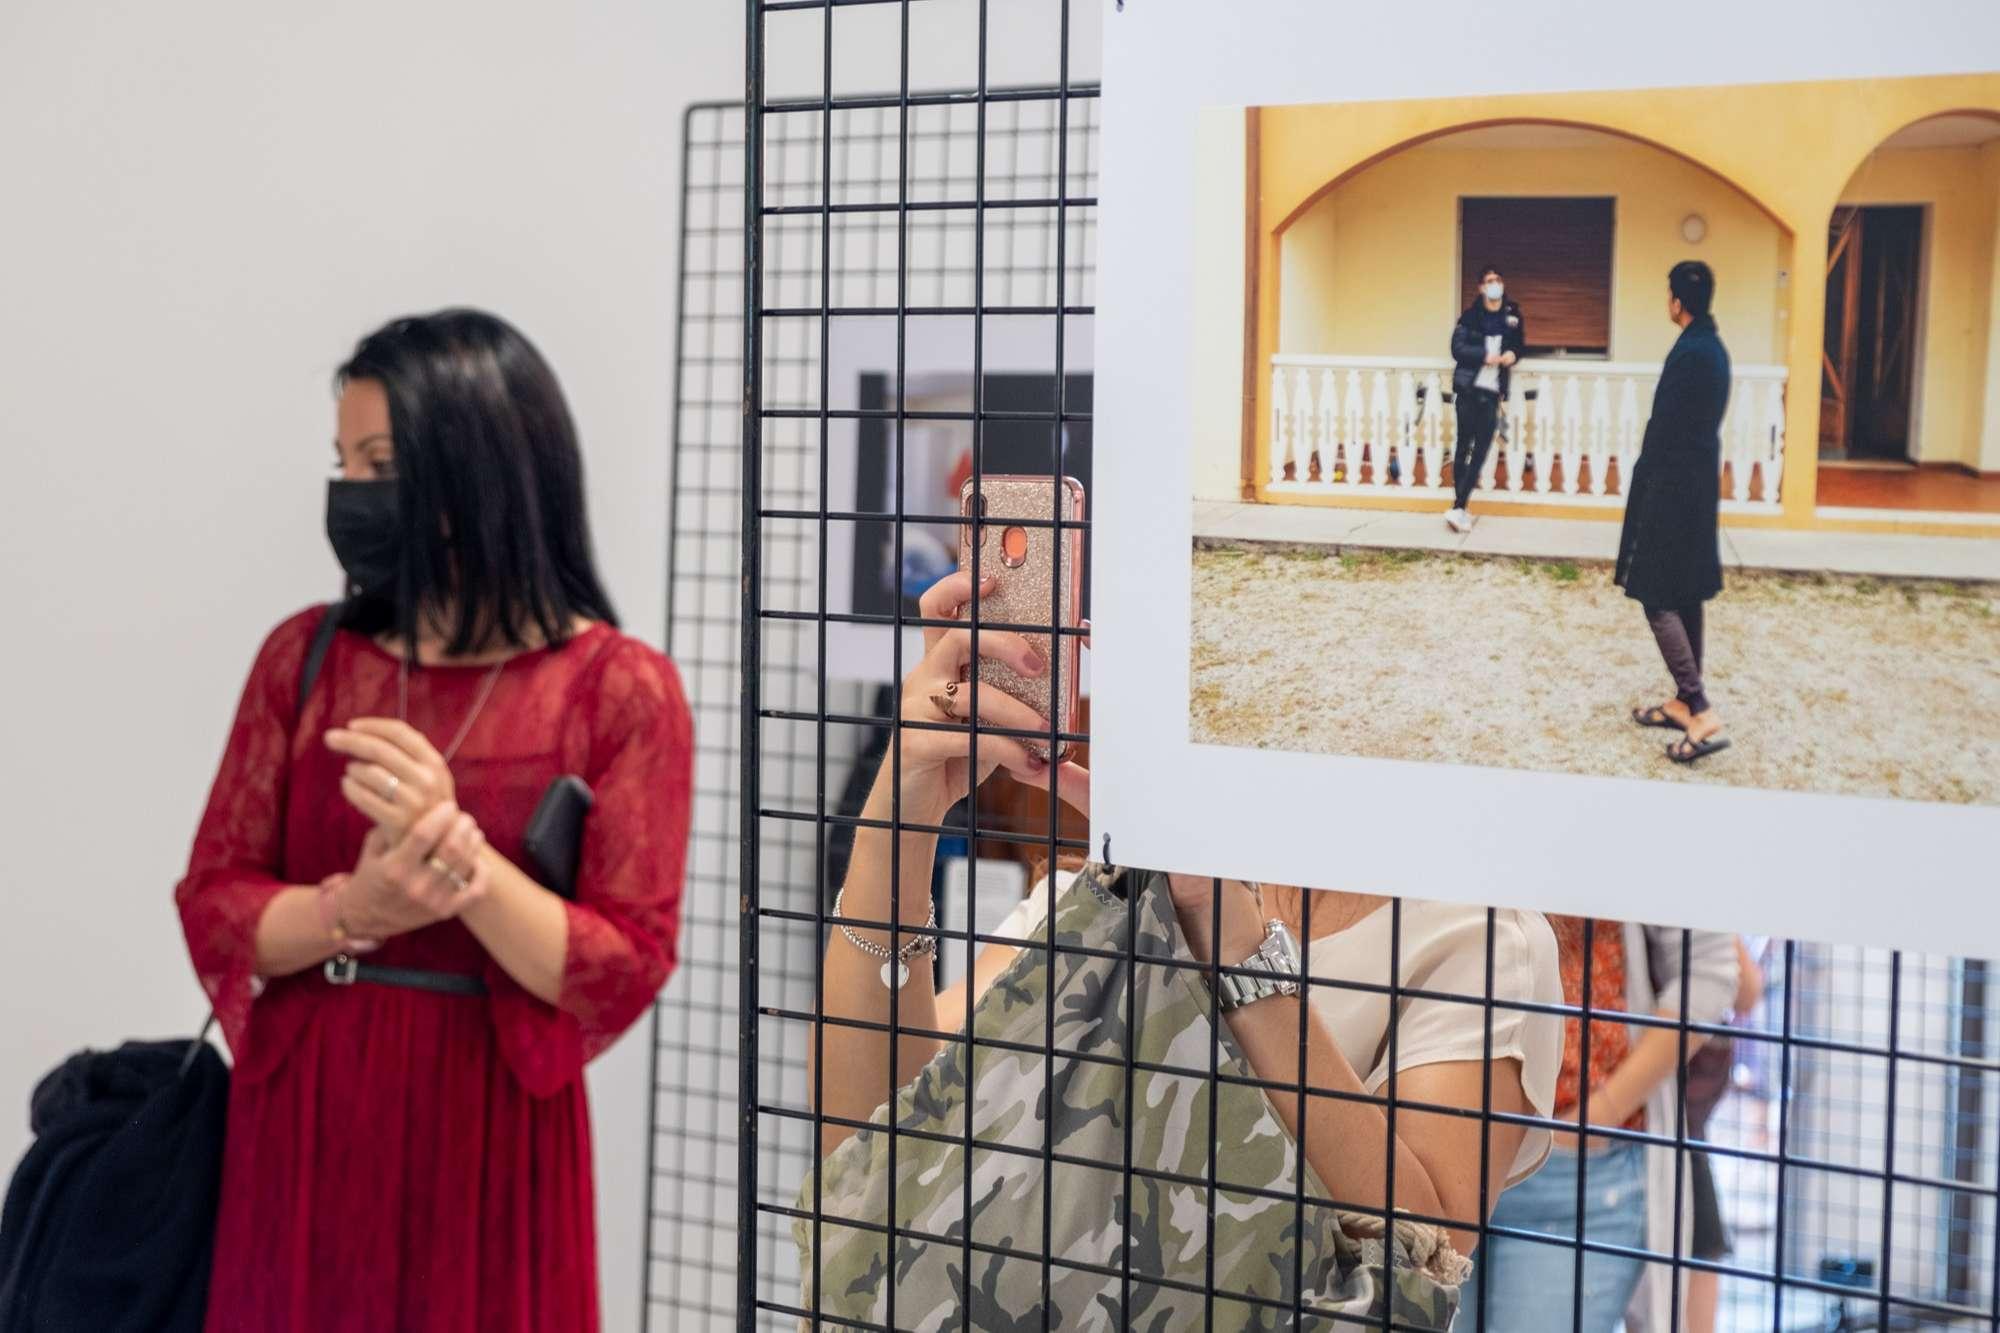 Esposizione fotografica PNE ad Internazionale